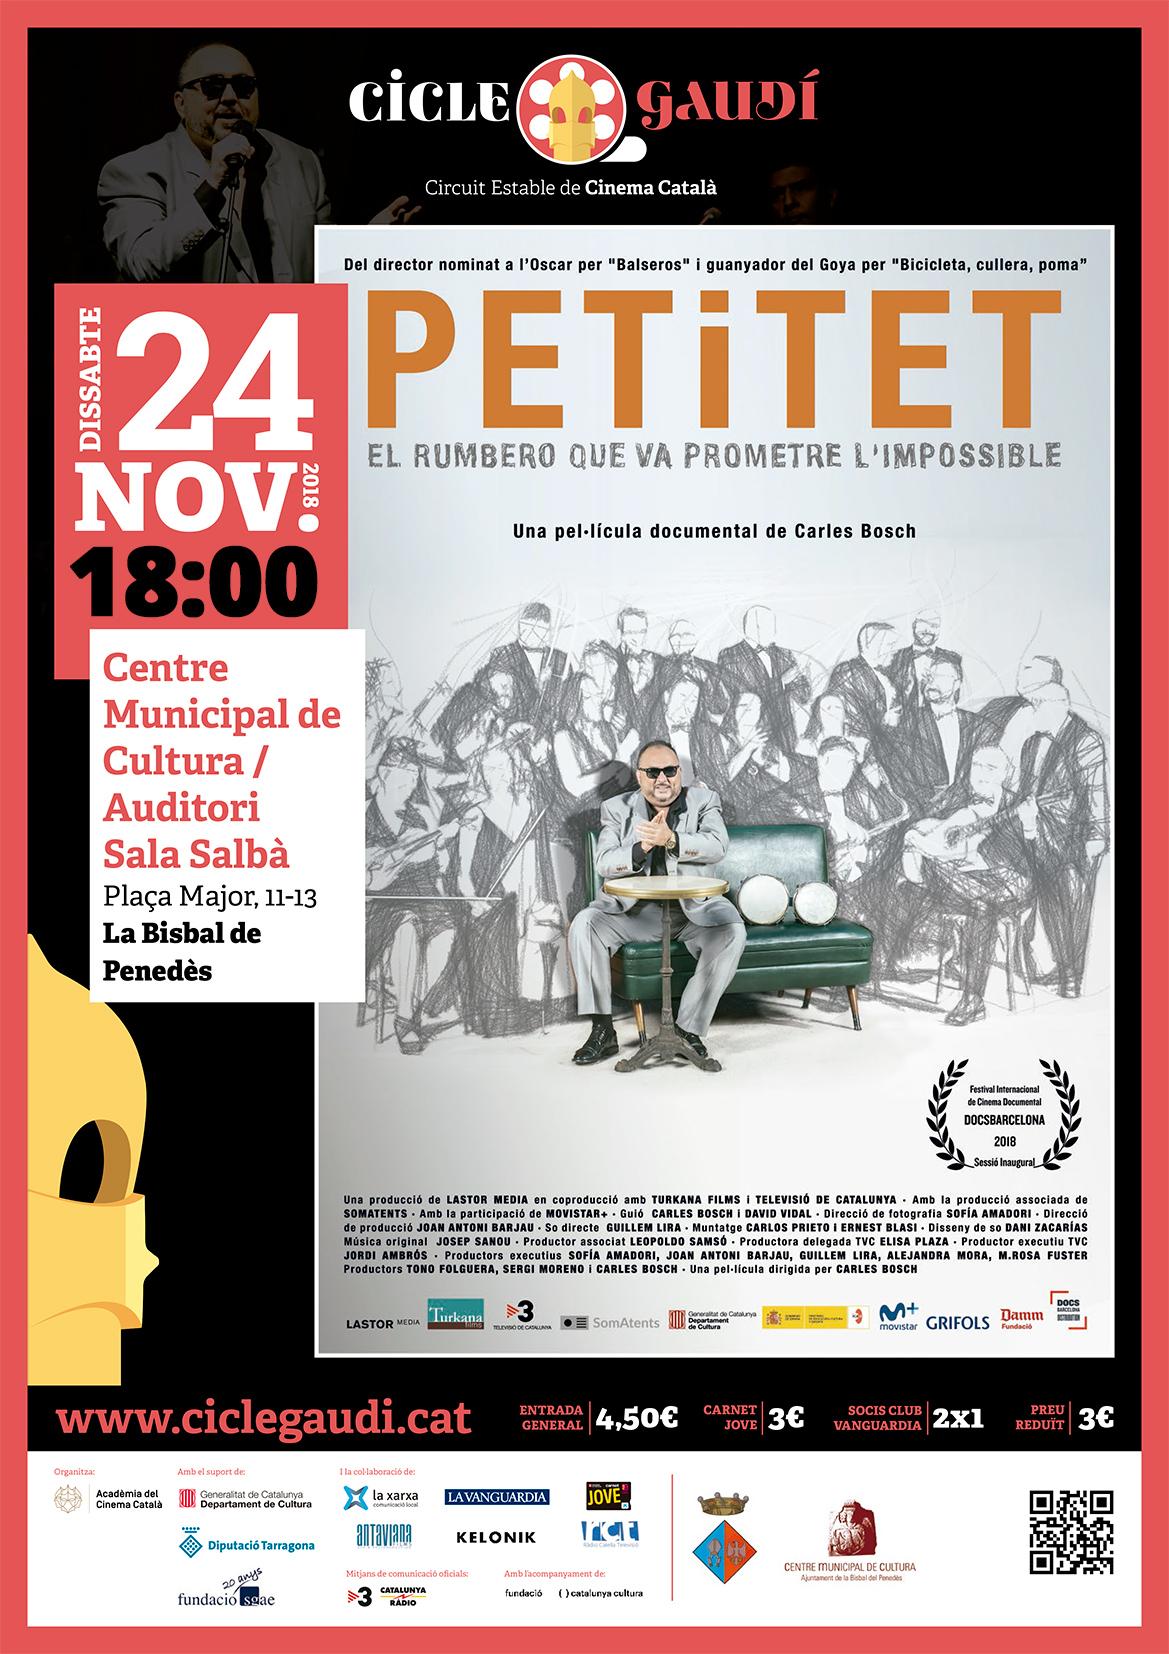 El pròxim dissabte 24 de novembre a les 18h podreu veure el documental 'Petitet' al CMC